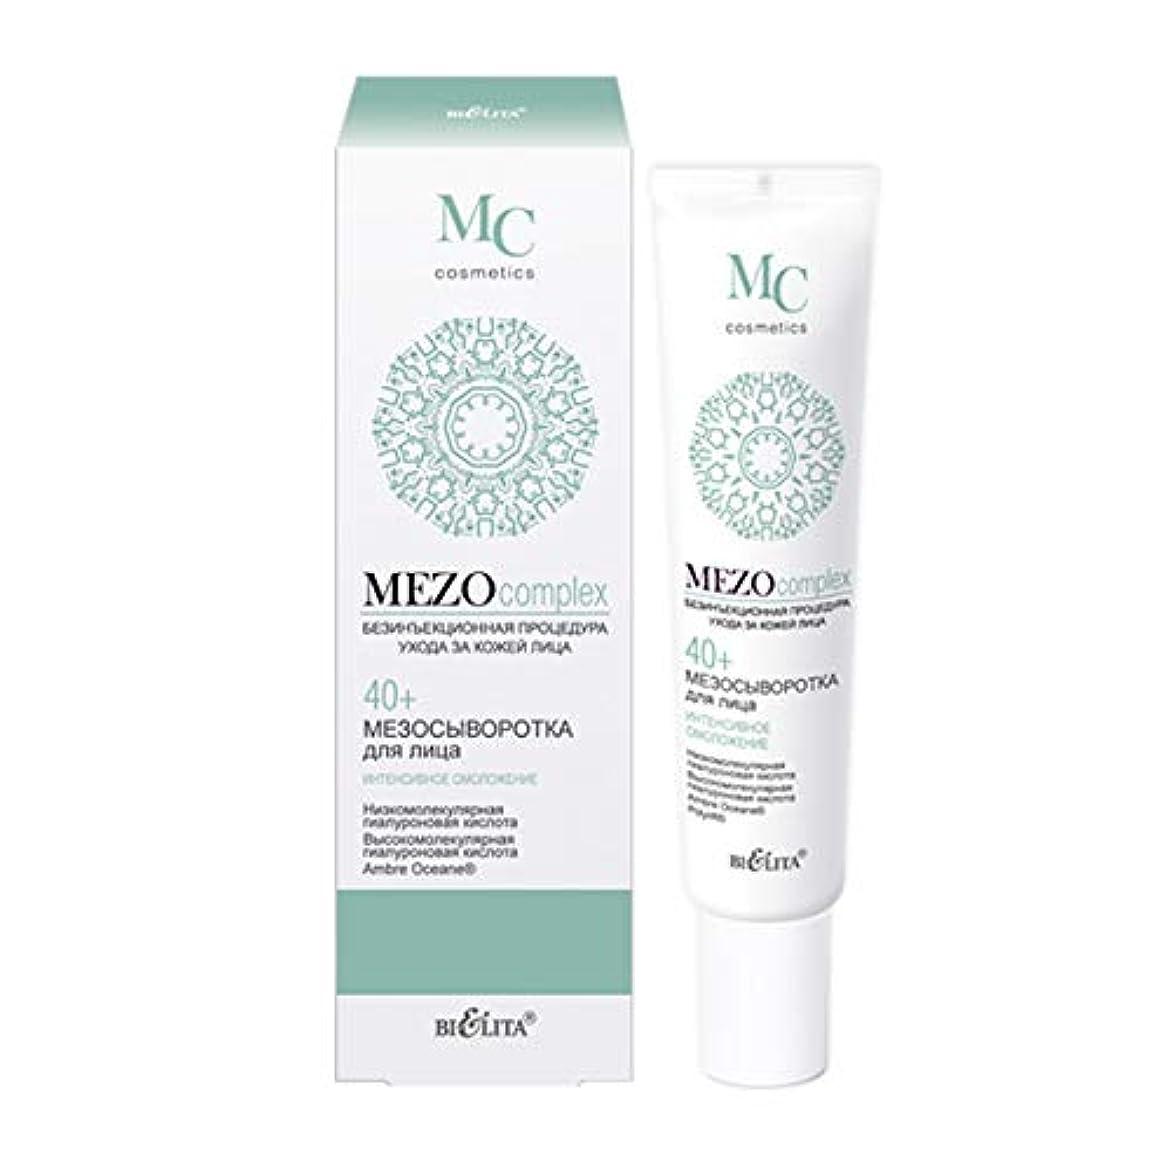 チップエール召集するMezo complex Serum Intensive Rejuvenation 40+ | Non-injection facial skin care procedure | Ambre Oceane | Polylift...